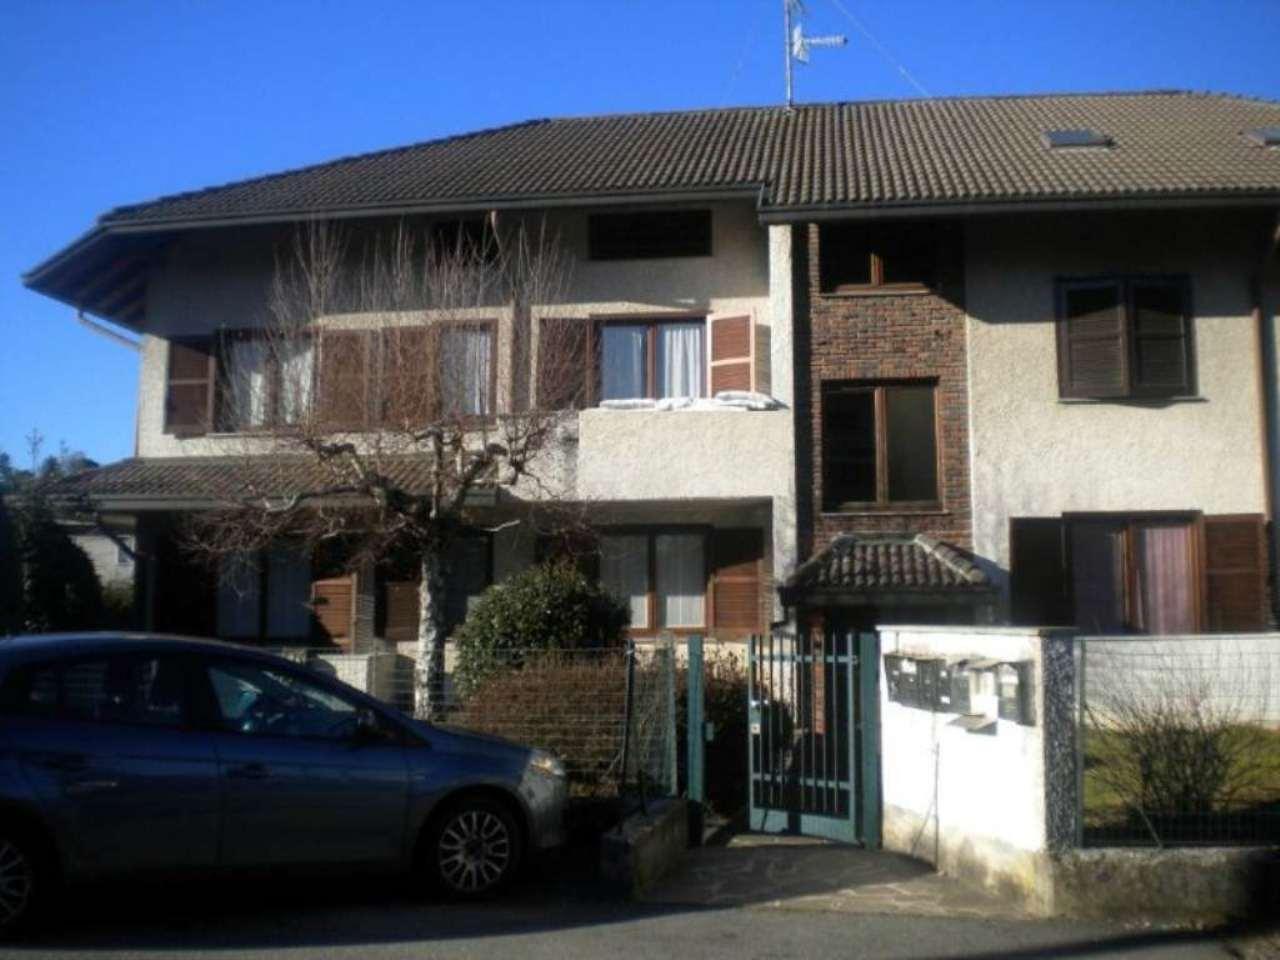 Appartamento in vendita a Albizzate, 3 locali, prezzo € 175.000 | CambioCasa.it